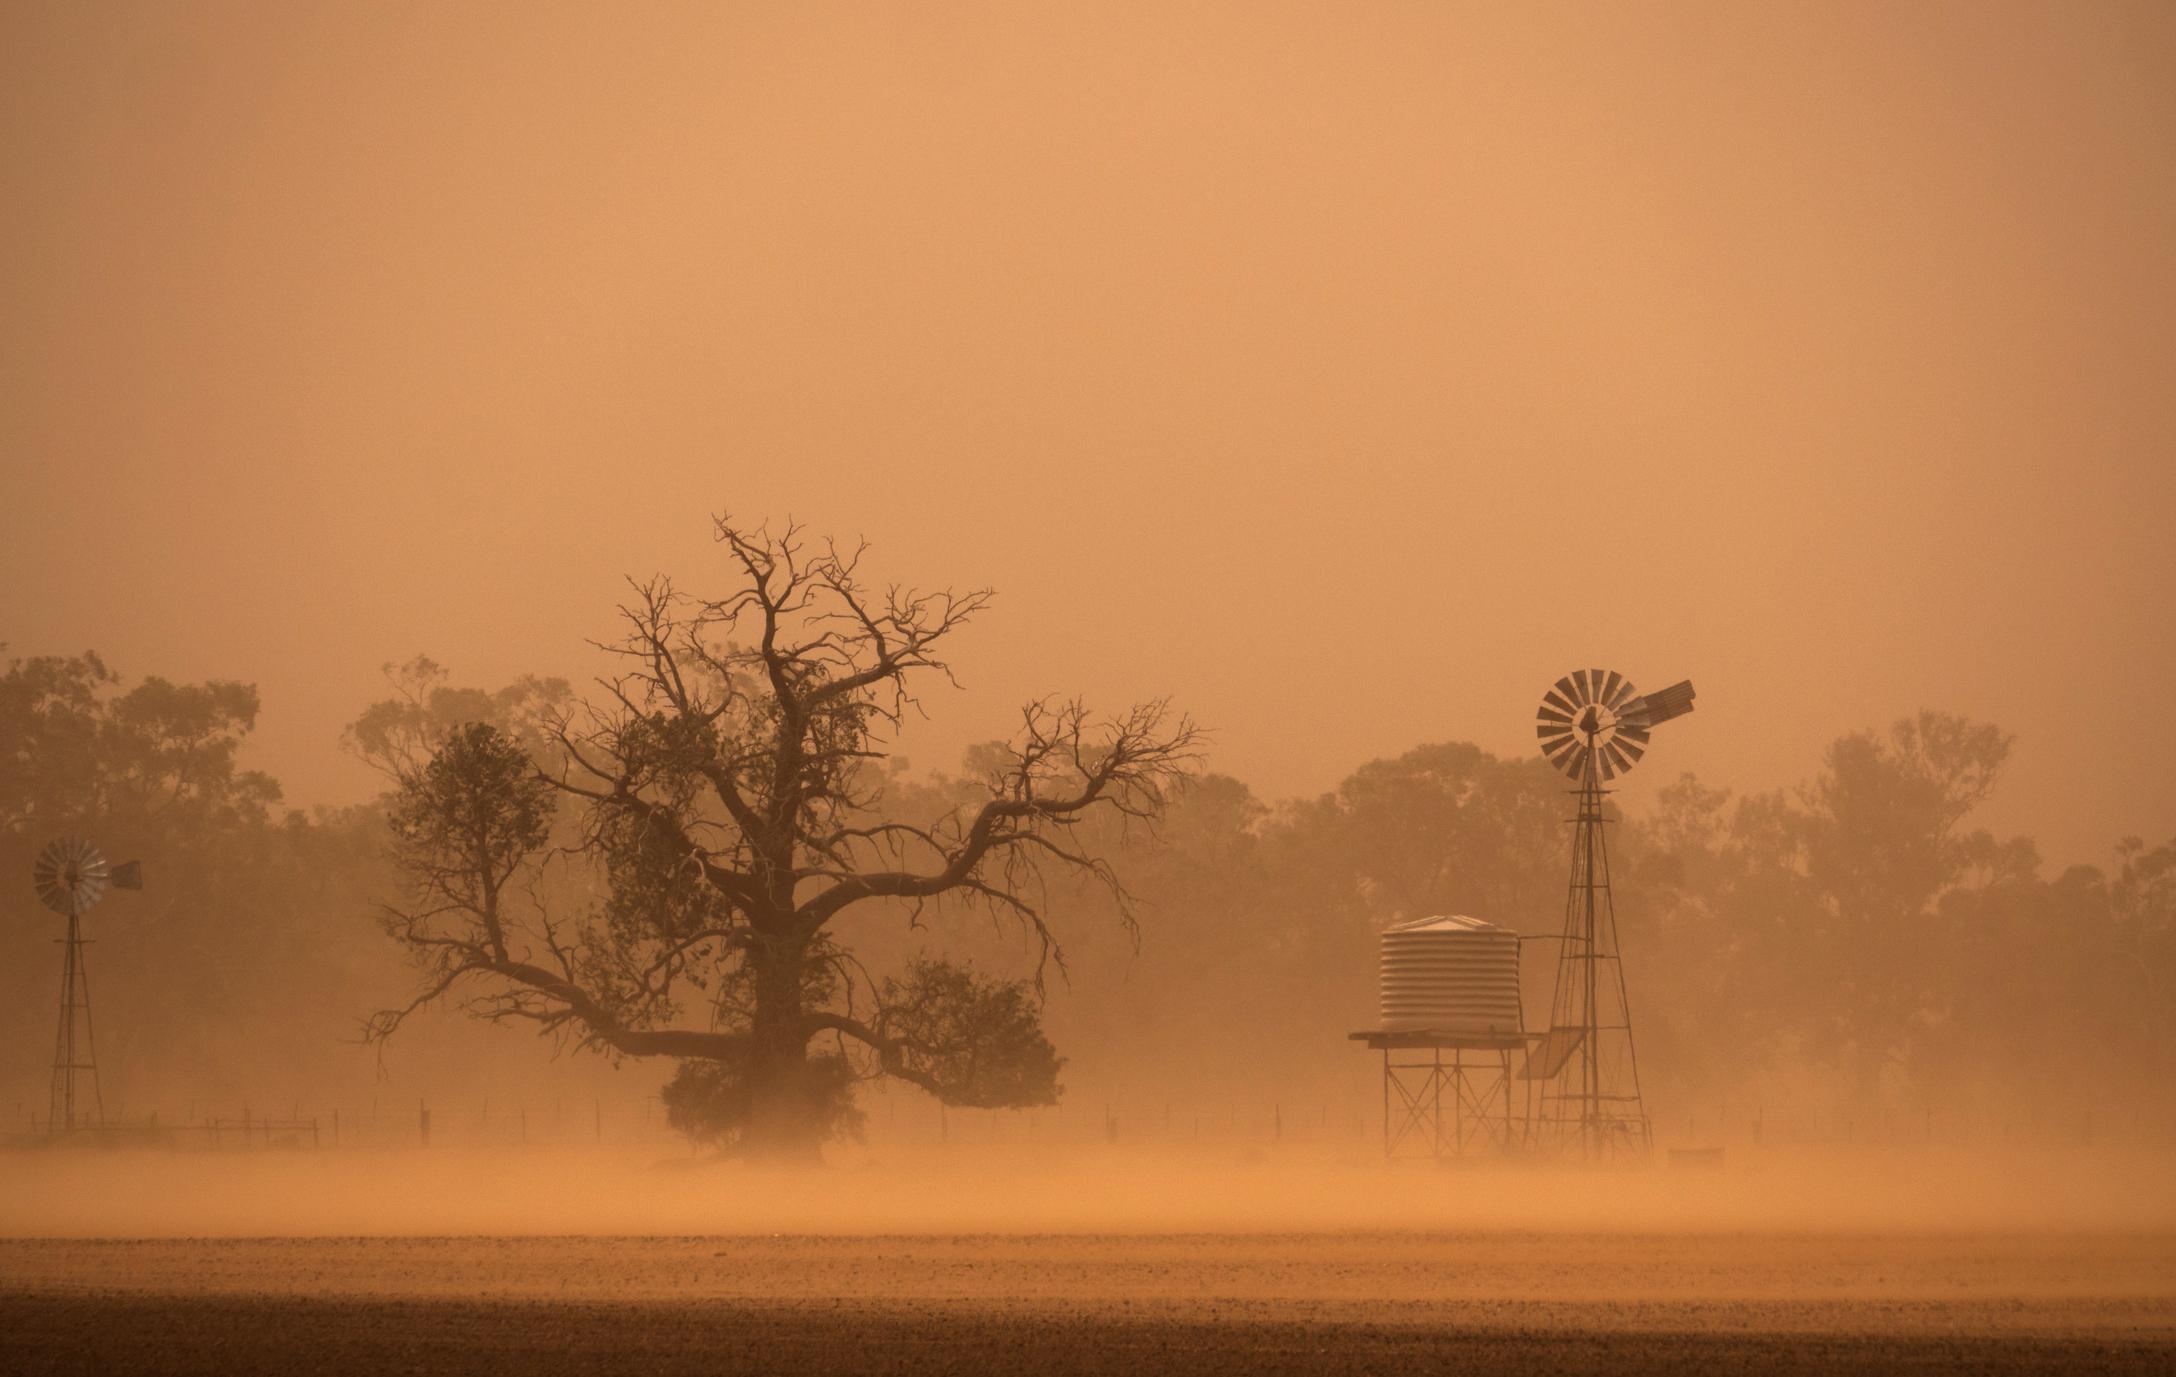 A dust storm going through a farm in drought Australia